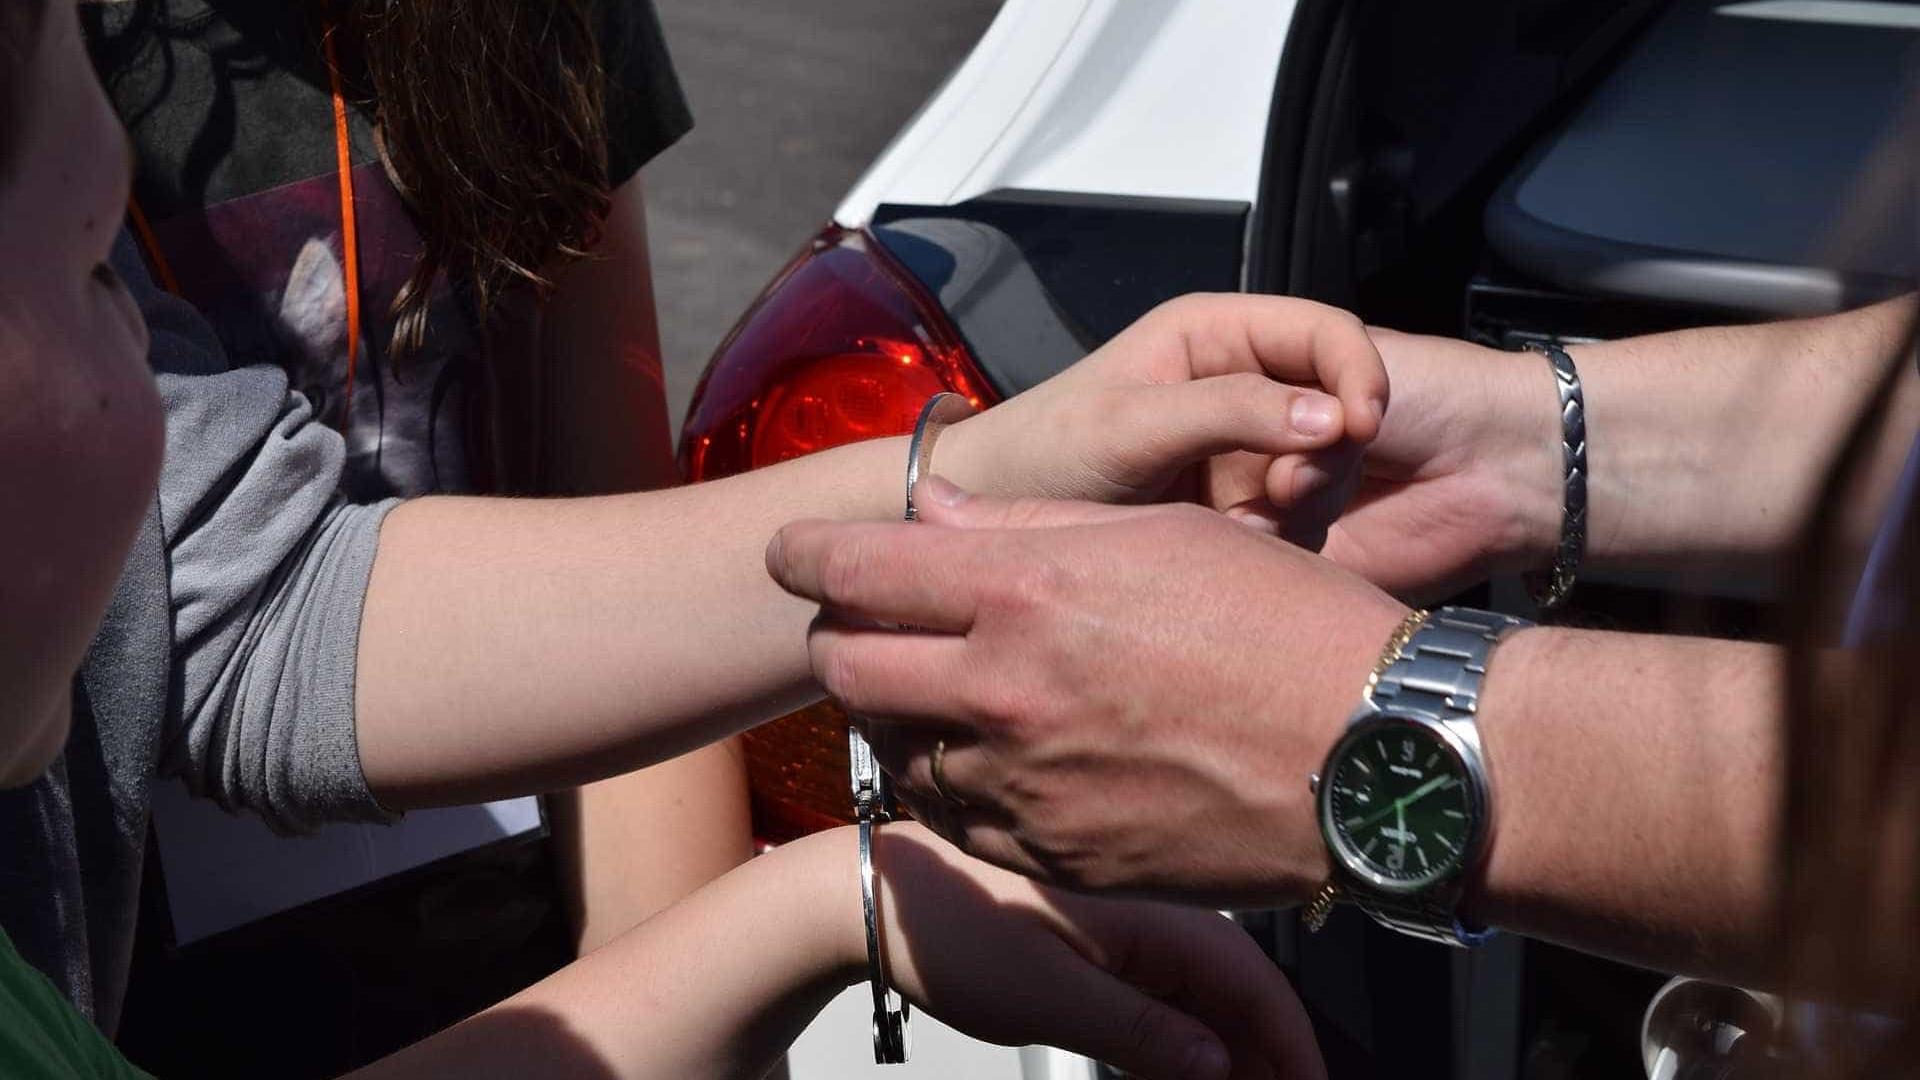 Mãe denuncia filha por tráfico de drogas e jovem é presa em SP